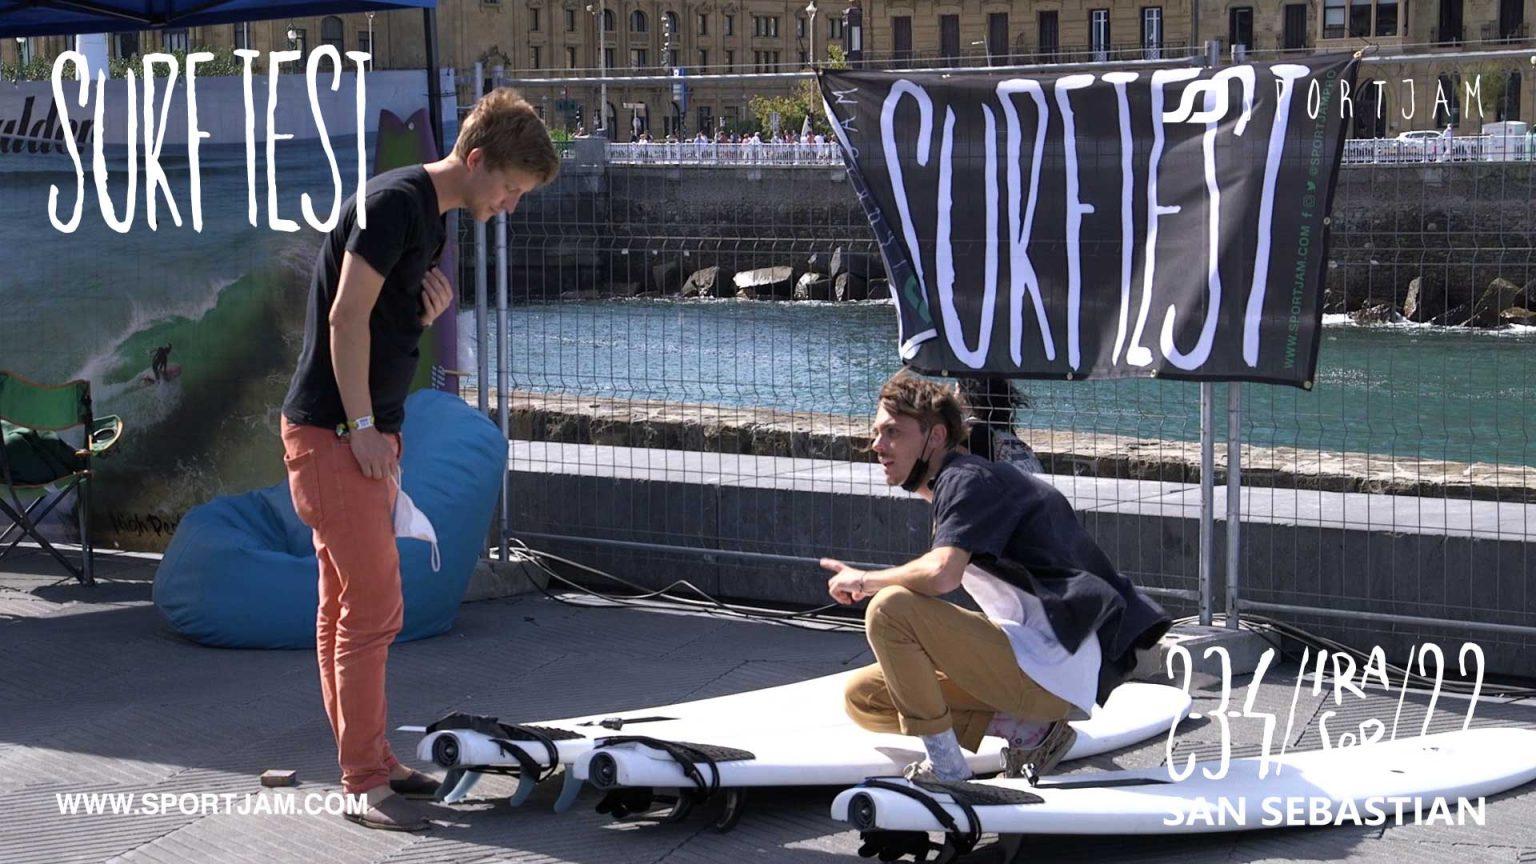 KAHES-SURF-STAND-SPORTJAM-SURFTEST-2021